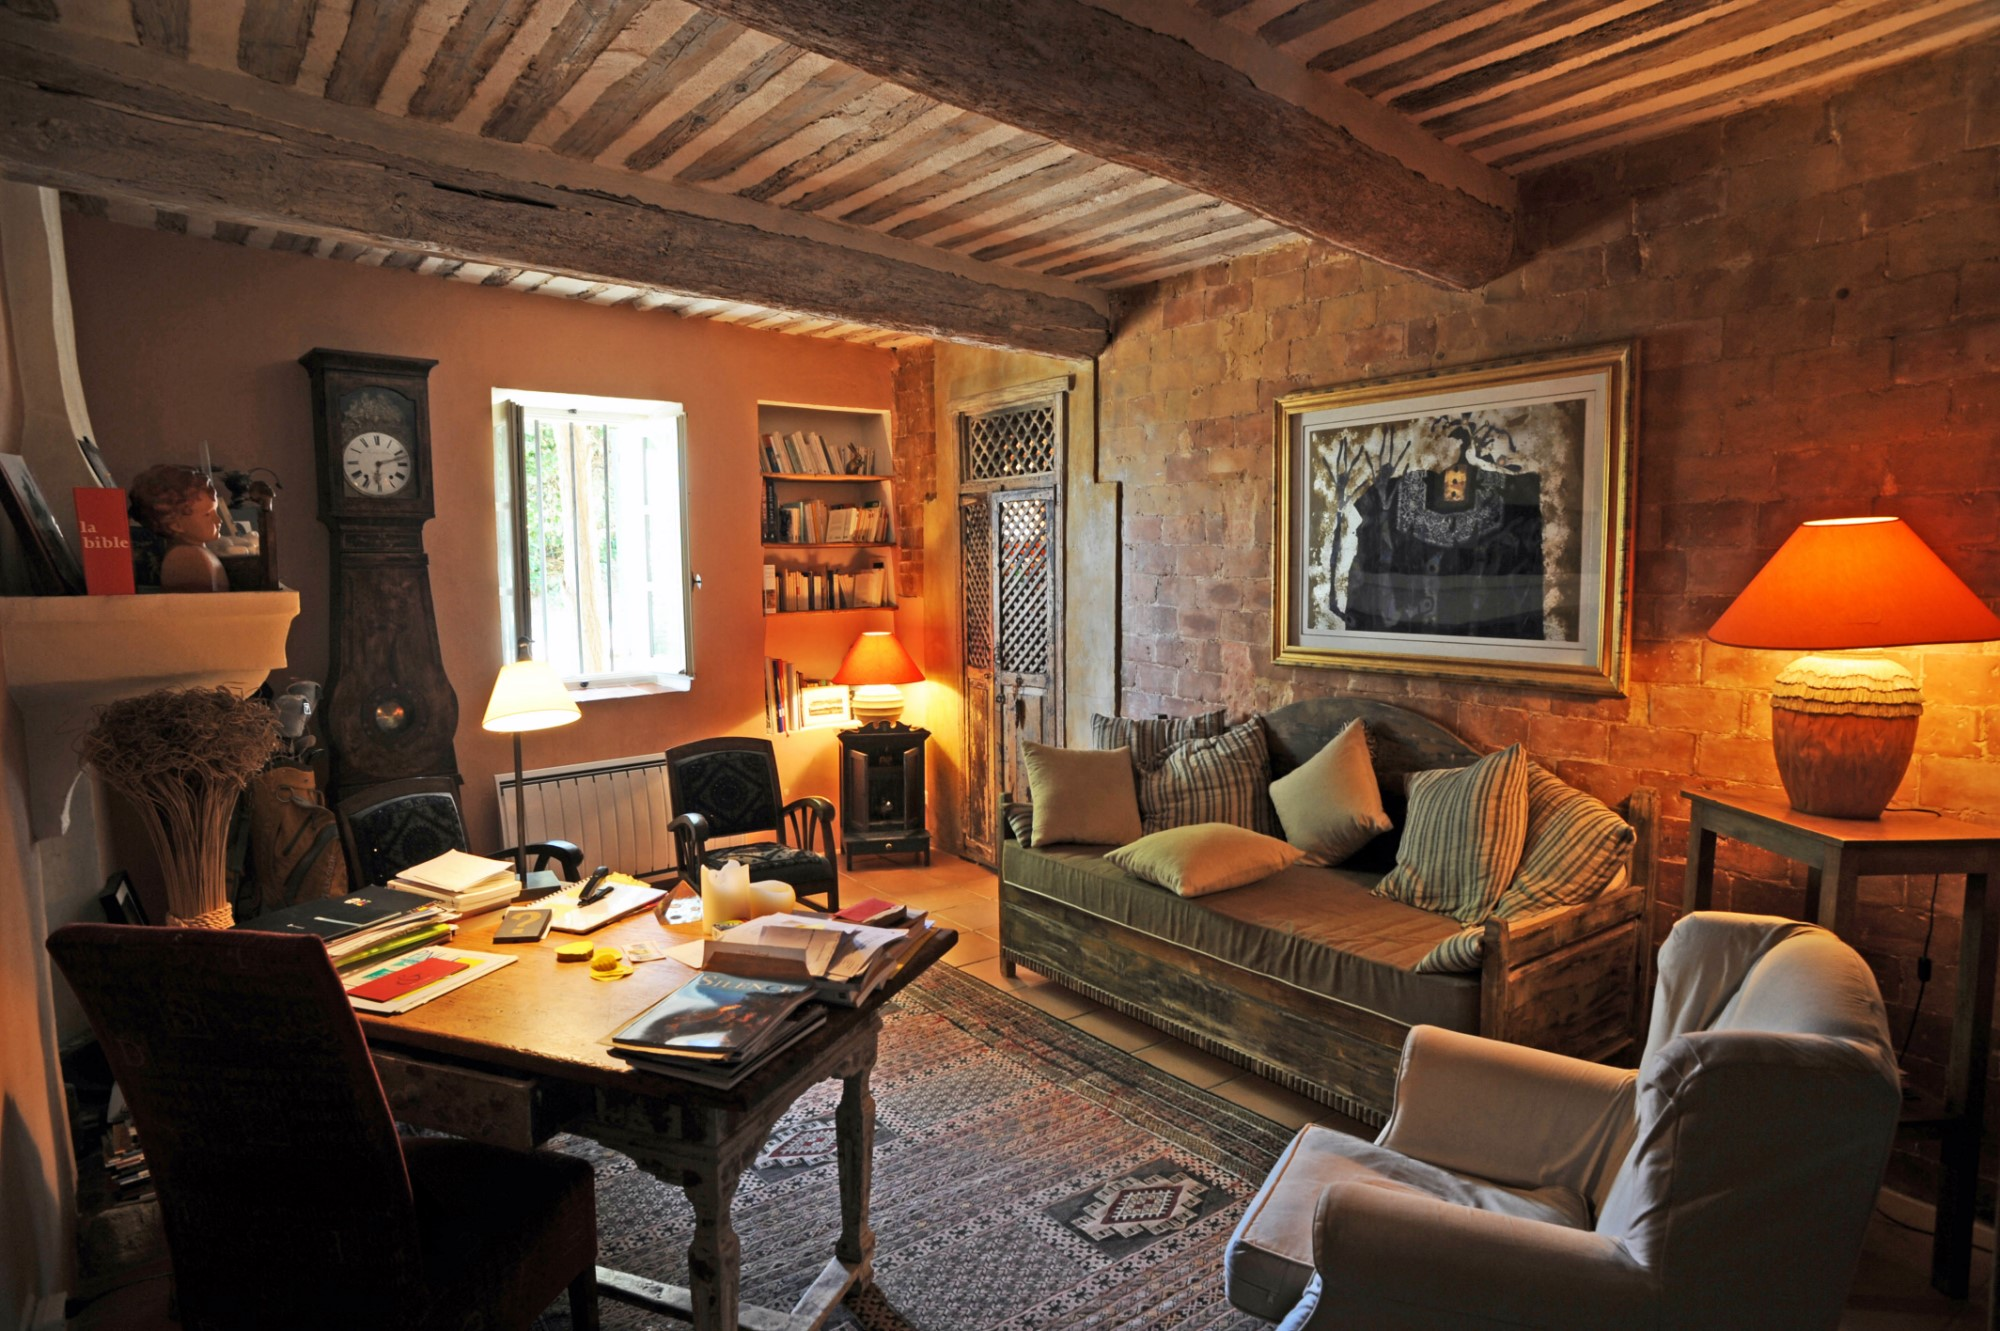 En vente,  en Luberon, maison restaurée du XVIIIème siècle